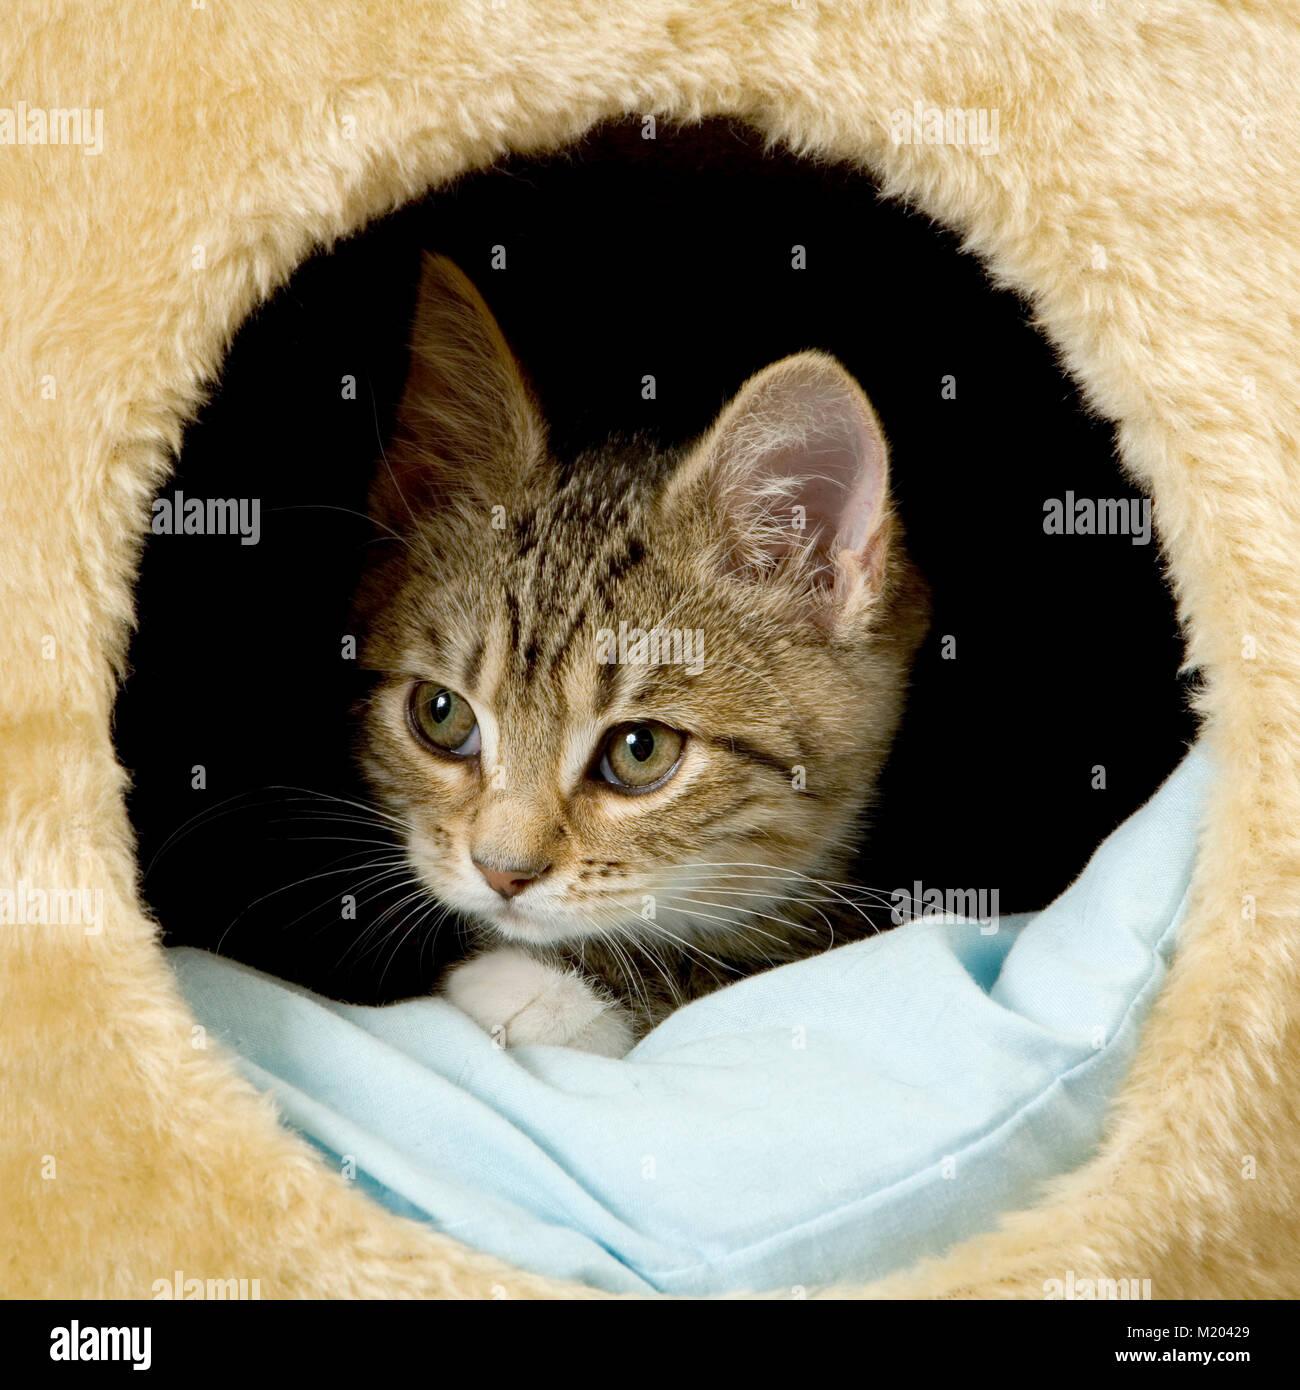 Cautious kitten - Stock Image